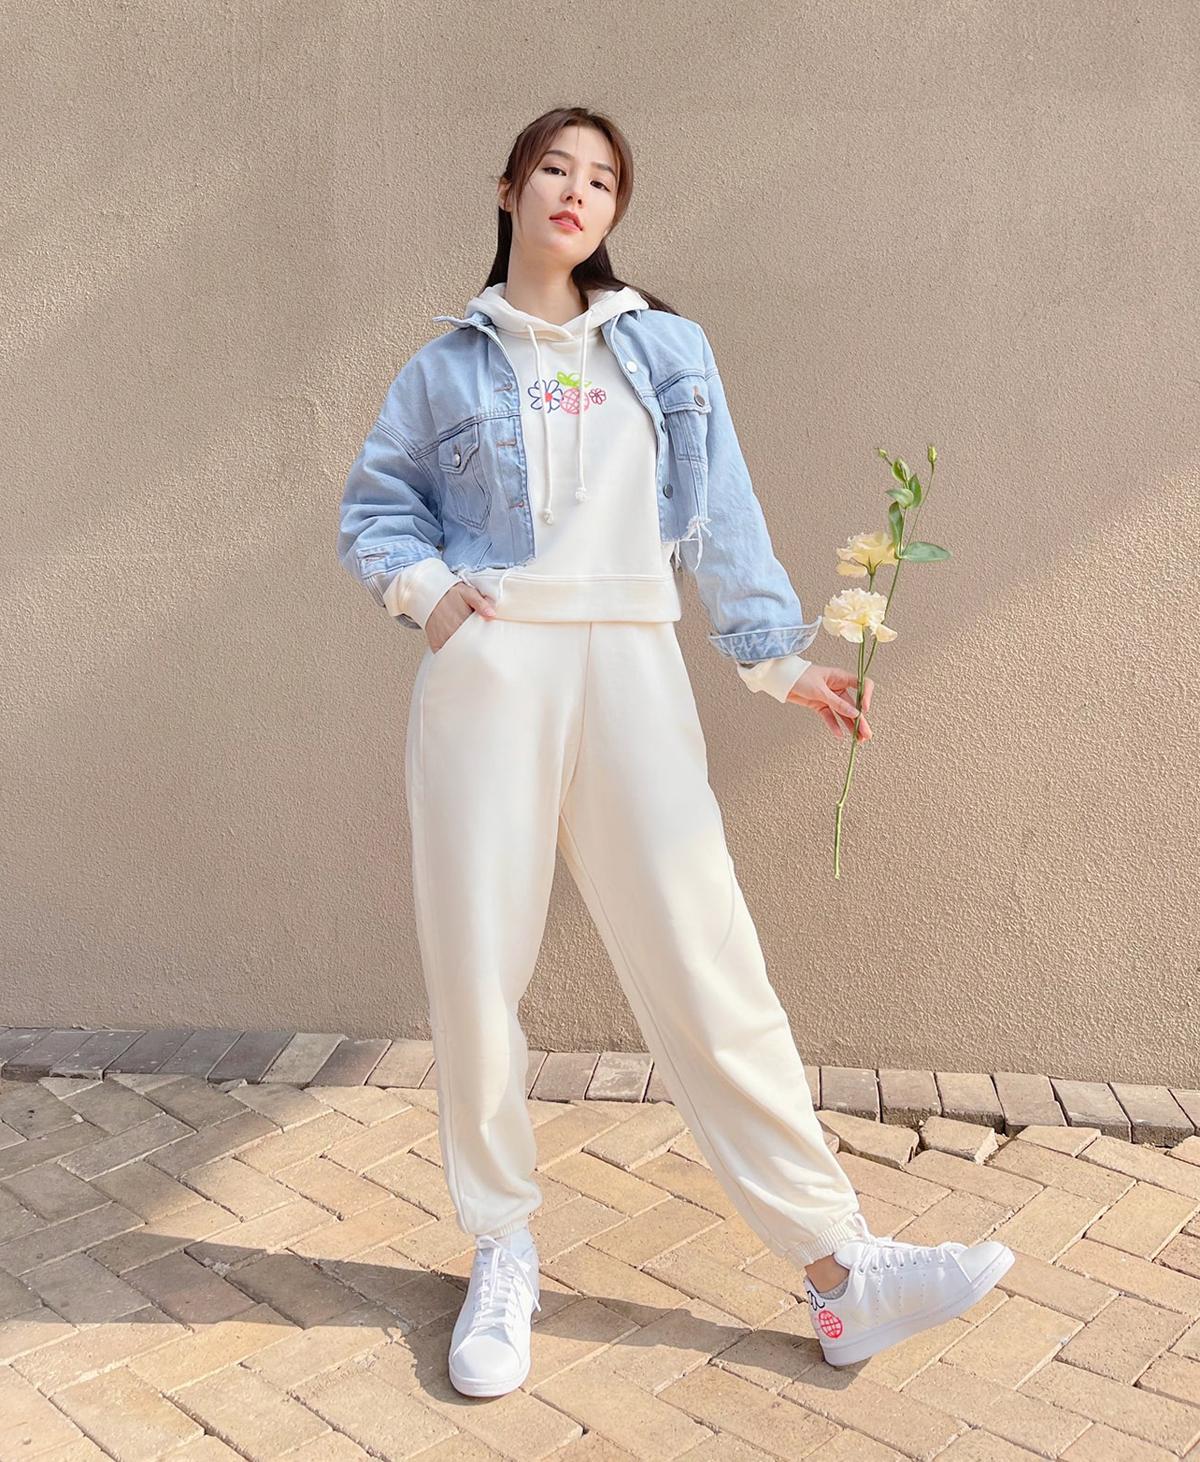 Trang phục nỉ được Diễm My 9x trưng dụng khi ra phố. Cách mix đồ này vừa thoải mái lại vừa giúp người mặc ăn gian tuổi.